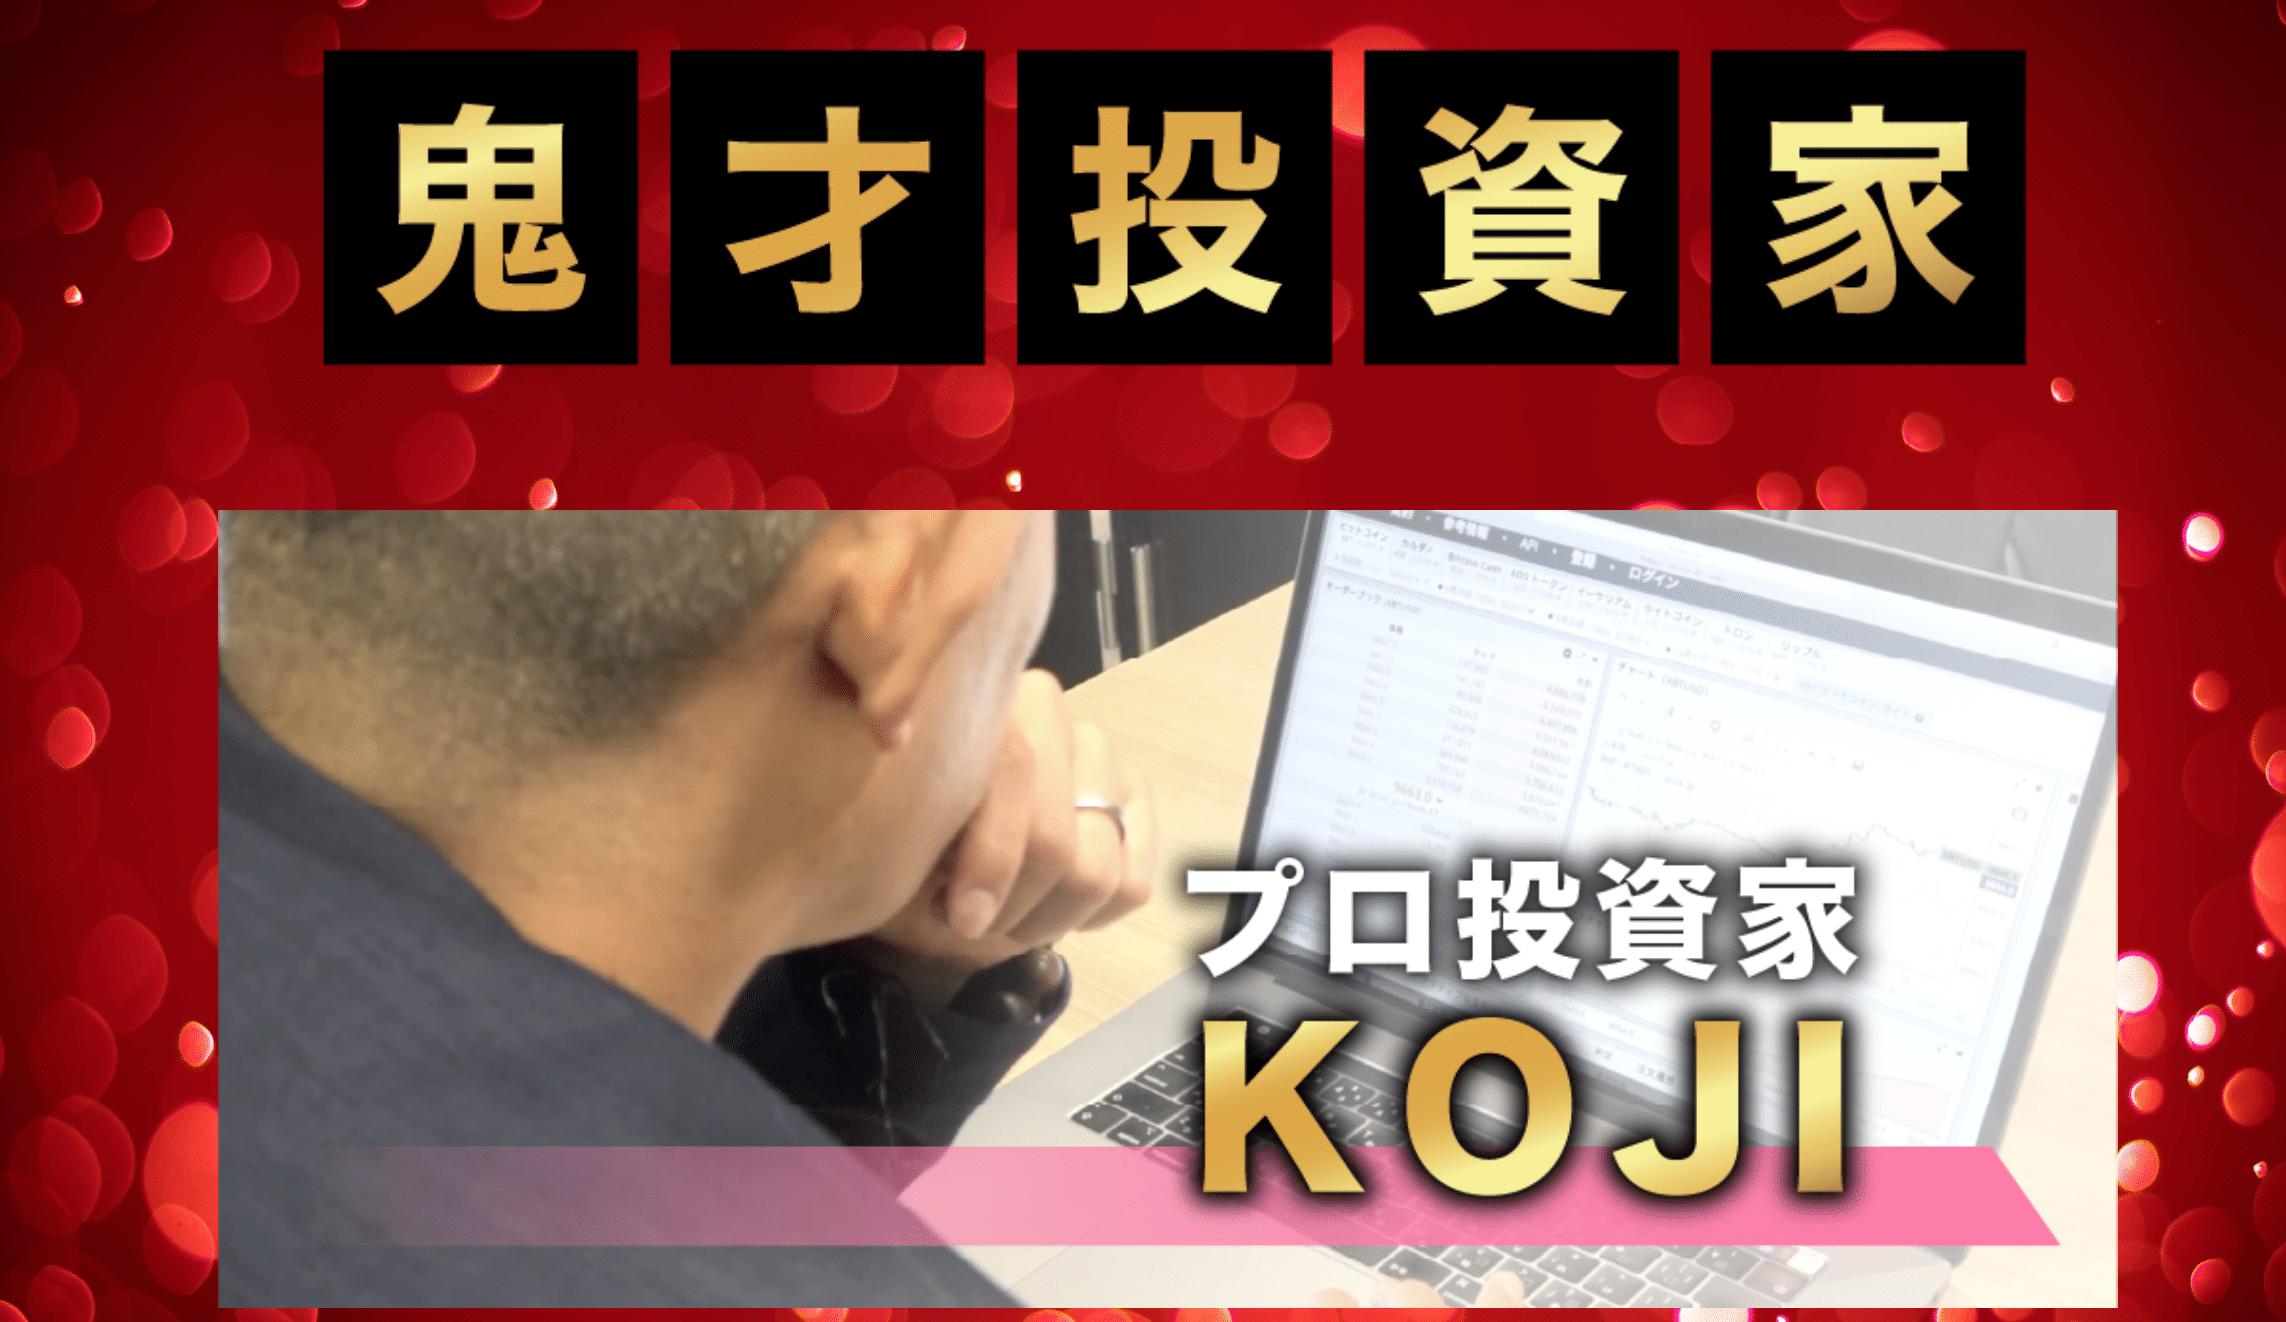 月収80万円獲得プロジェクト4